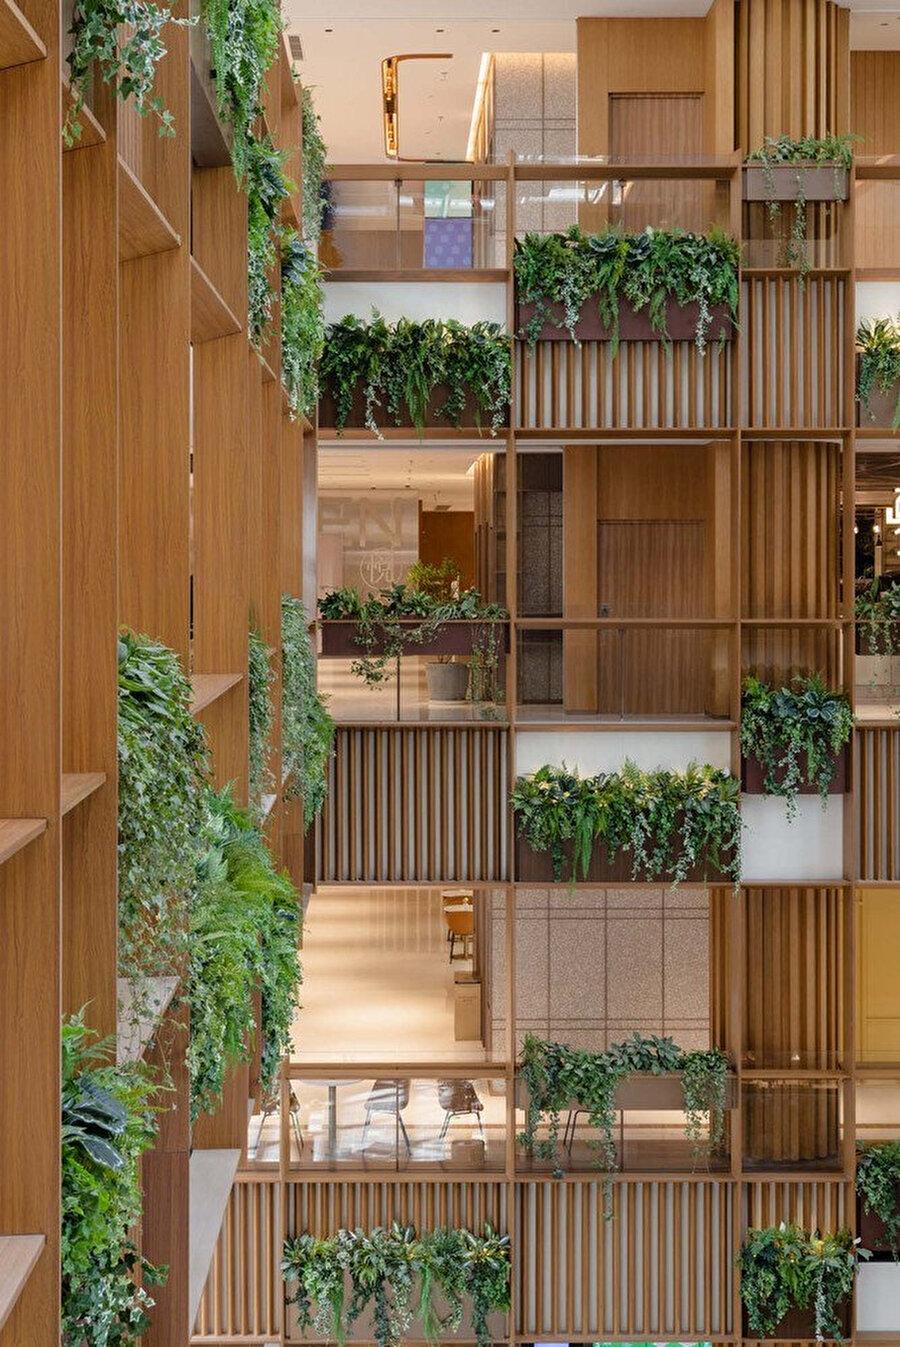 Tropikal bitkiler, üst katlardaki saksılardan sarkıyor.